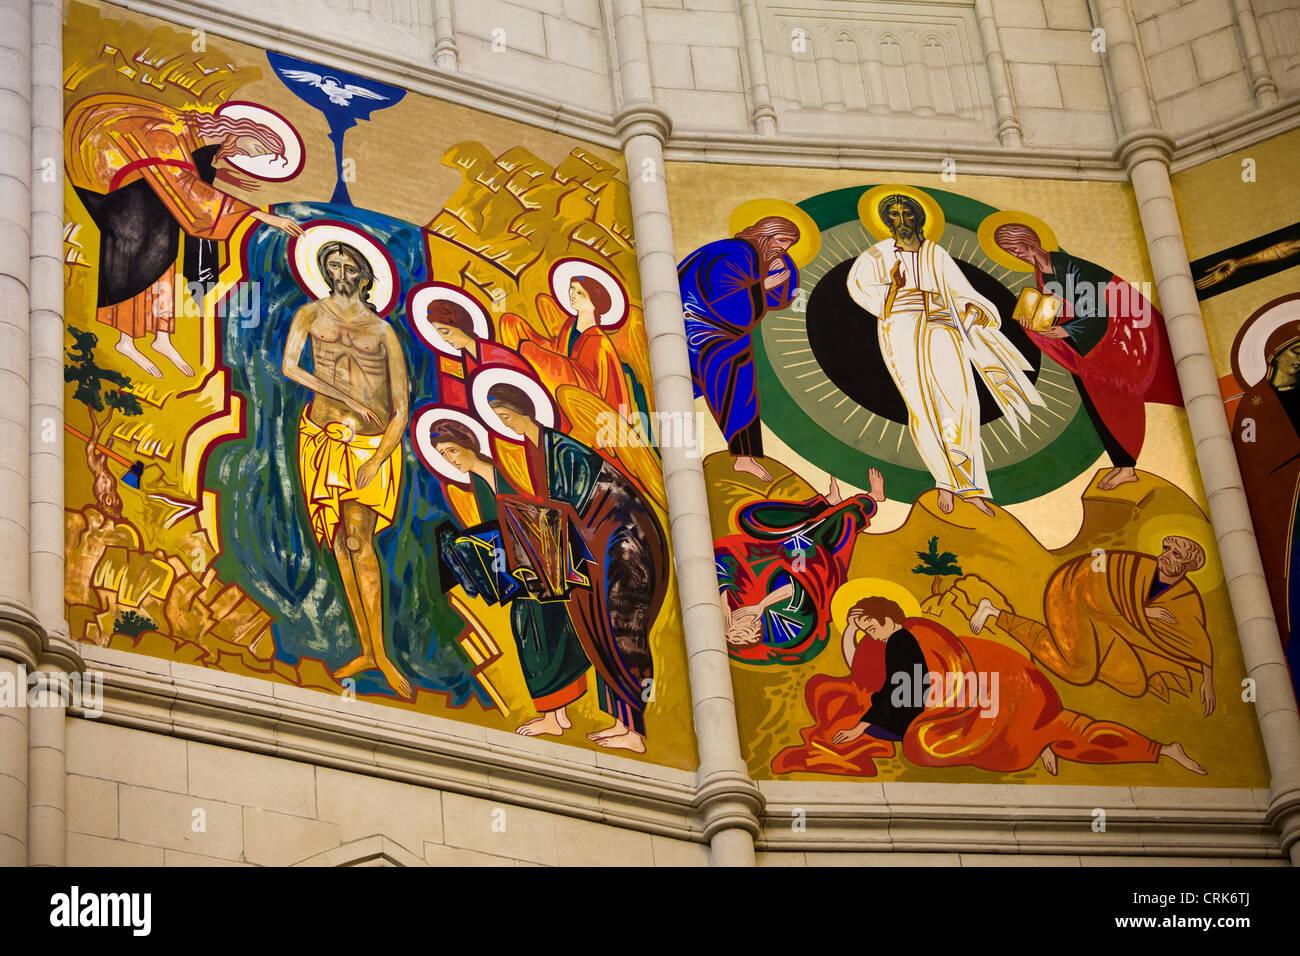 Religiöse Gemälde an der Wand im Inneren Almudena-Kathedrale in Madrid, Spanien. Stockbild